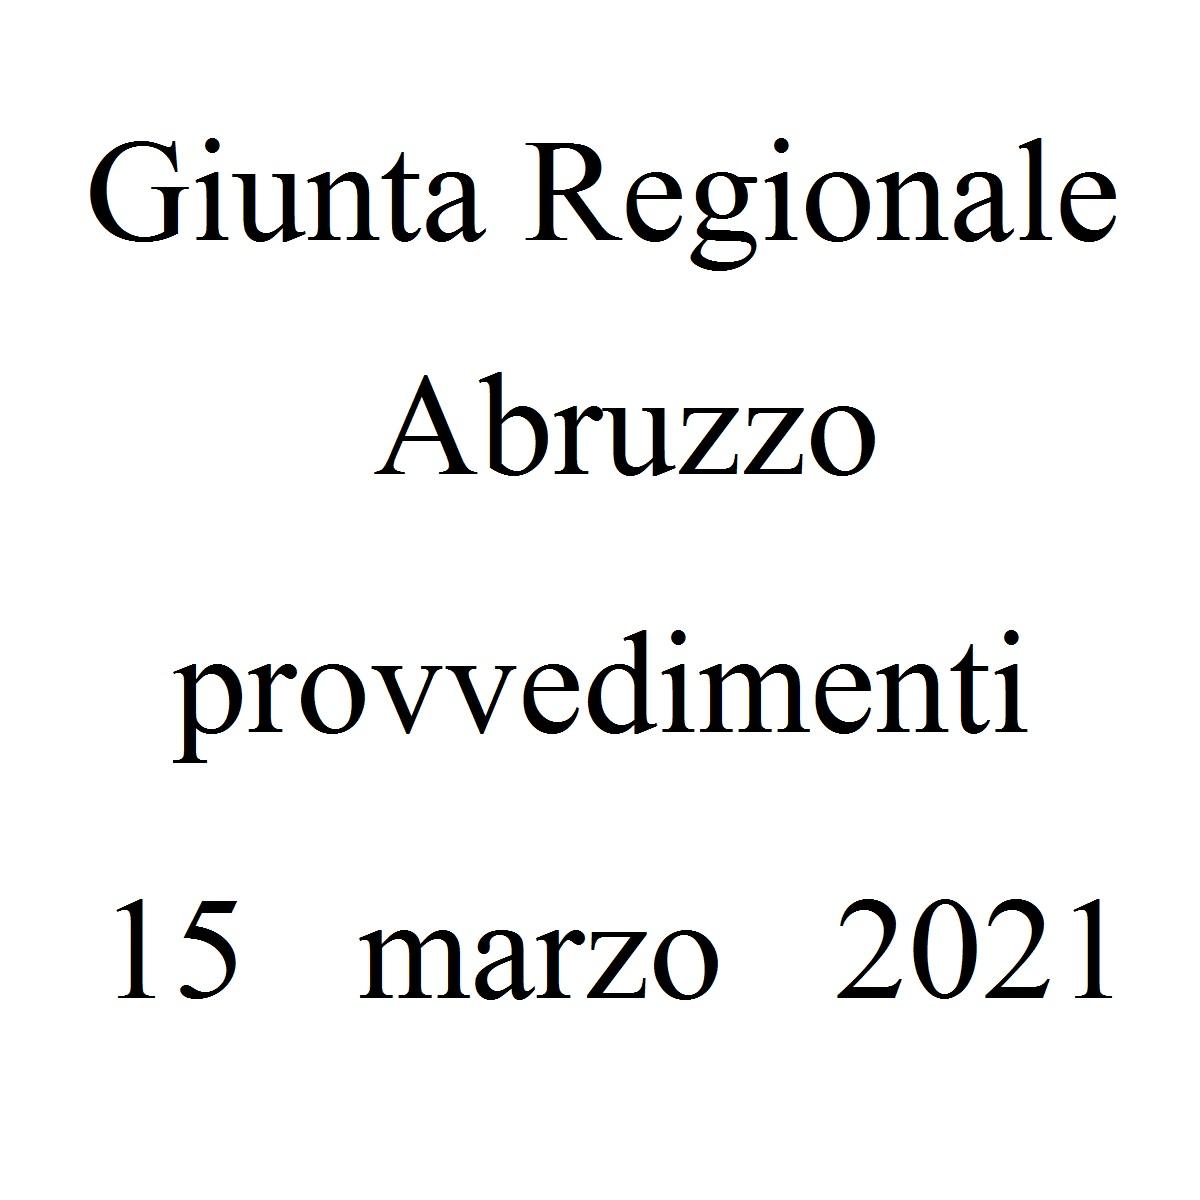 Giunta Regionale Abruzzo provvedimenti 15 marzo 2021 foto